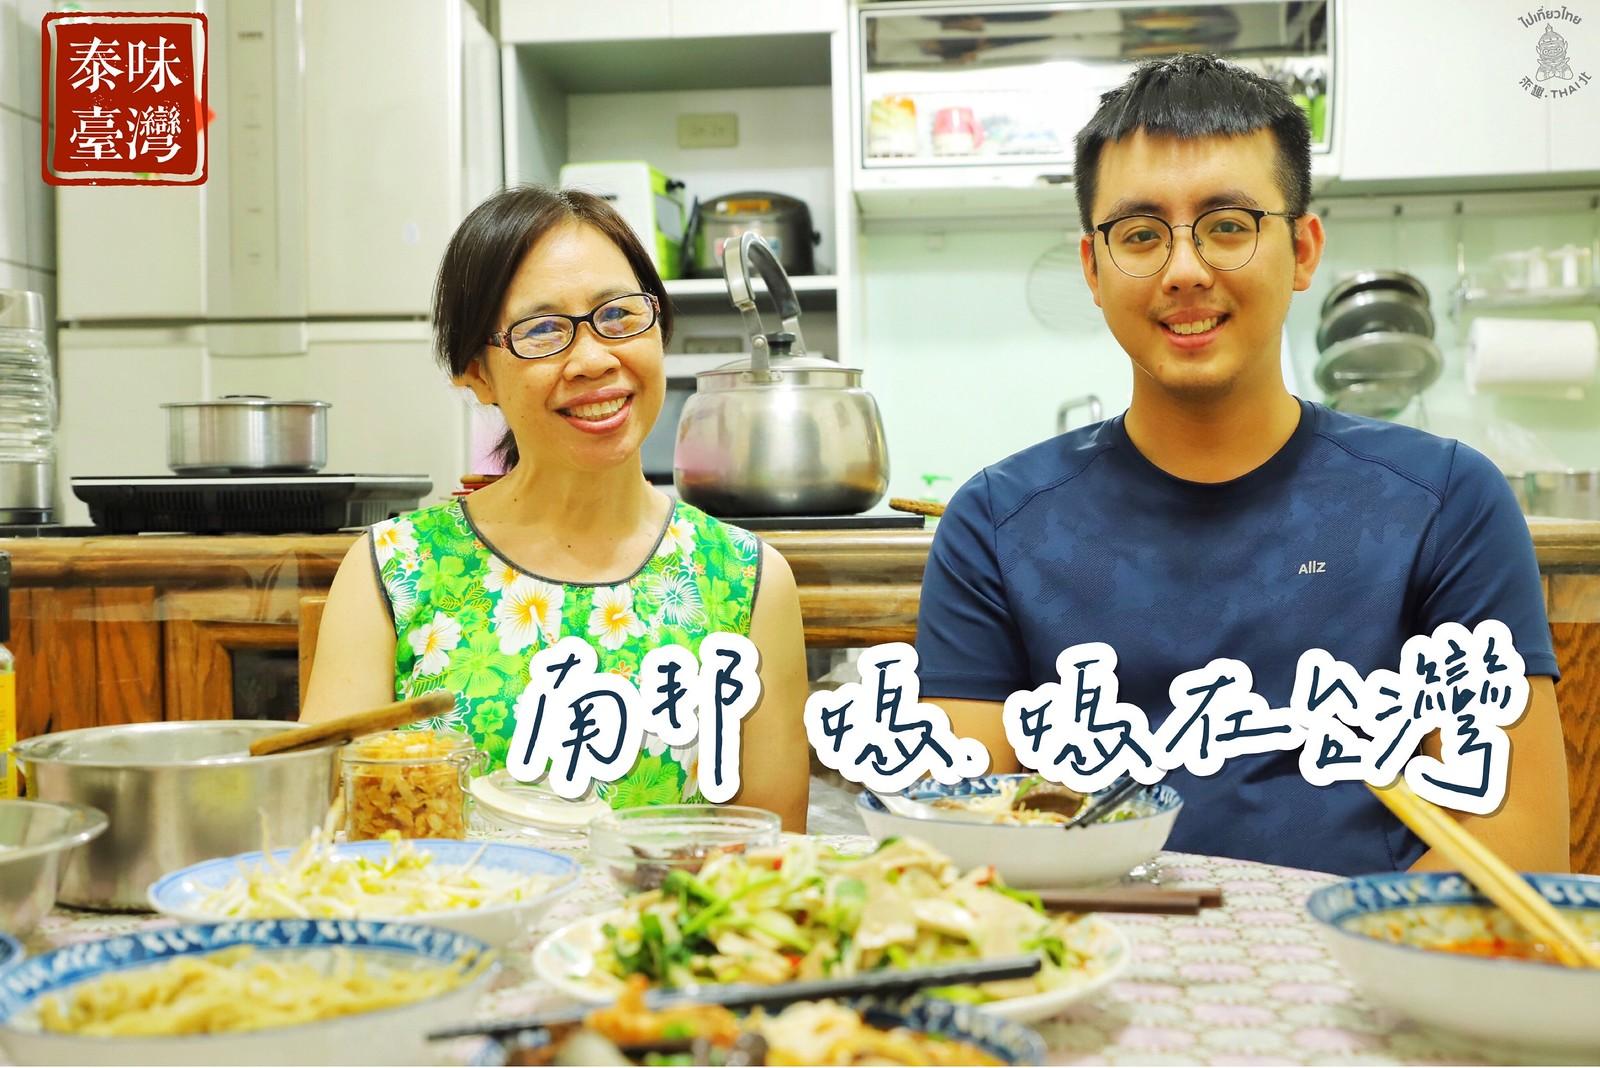 泰北。南邦媽媽在台灣